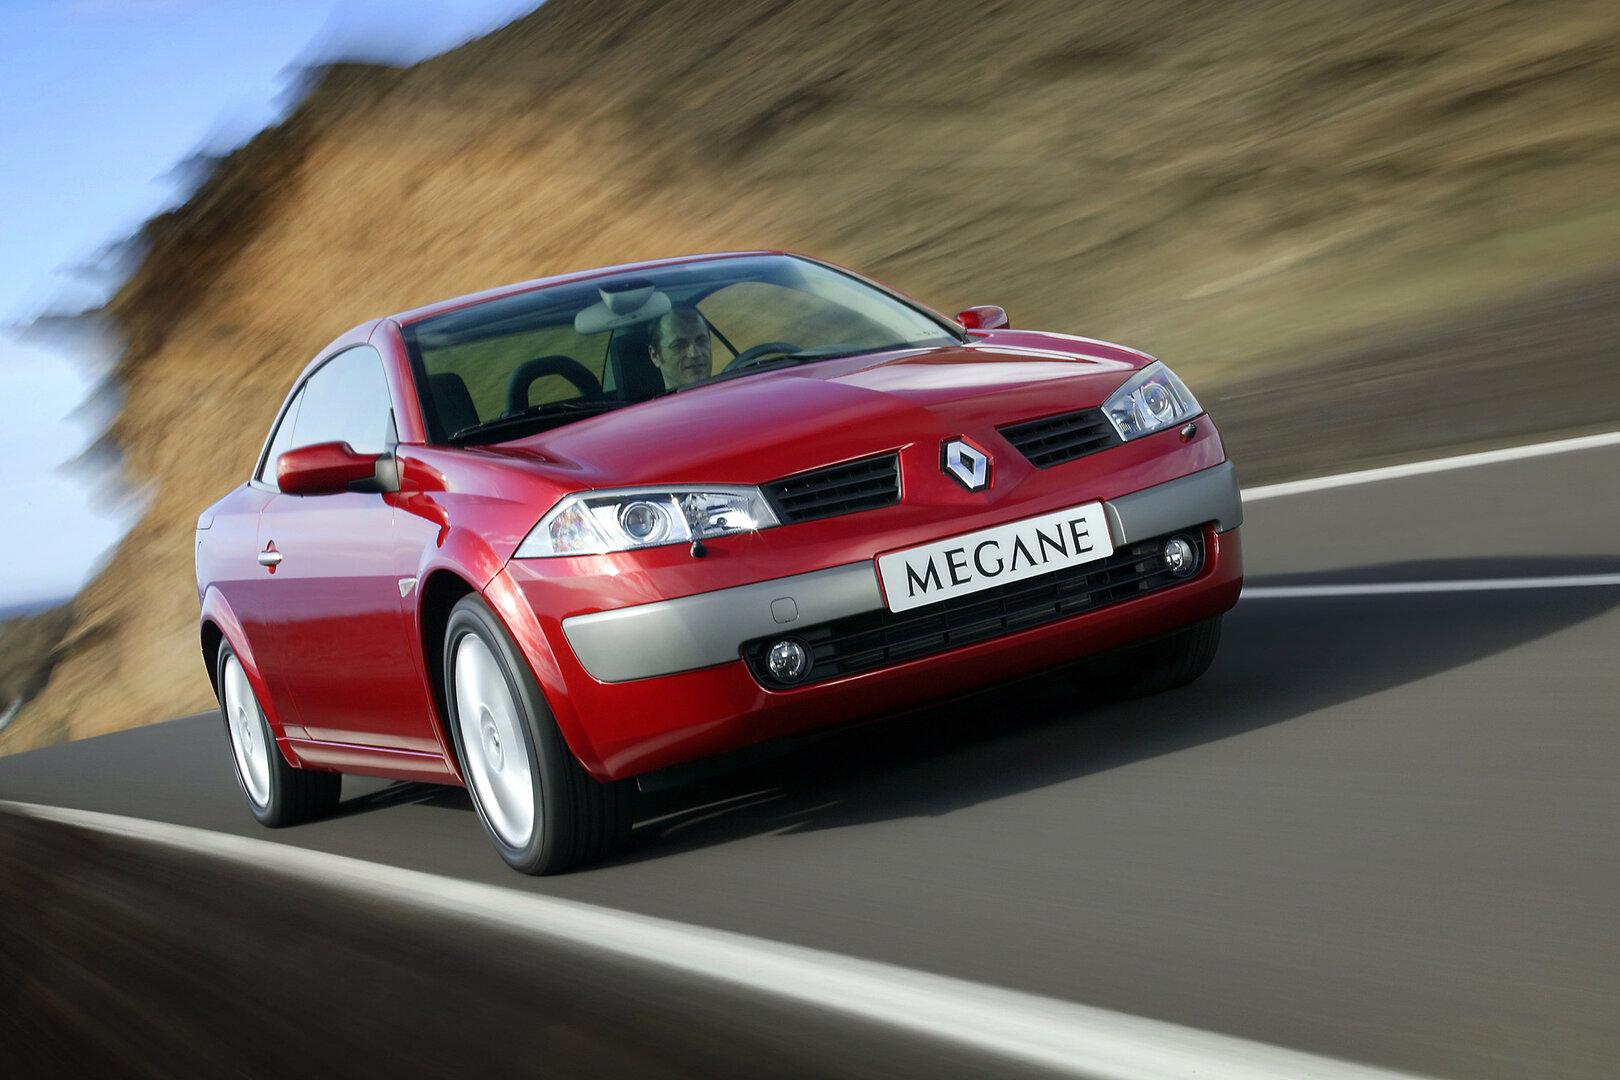 Coche del día: Renault Mégane CC (II)